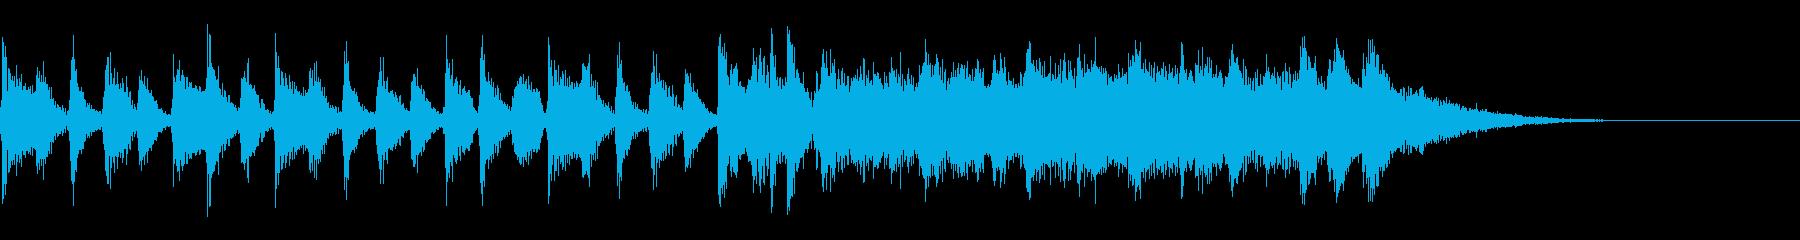 ニュースオープニングの再生済みの波形